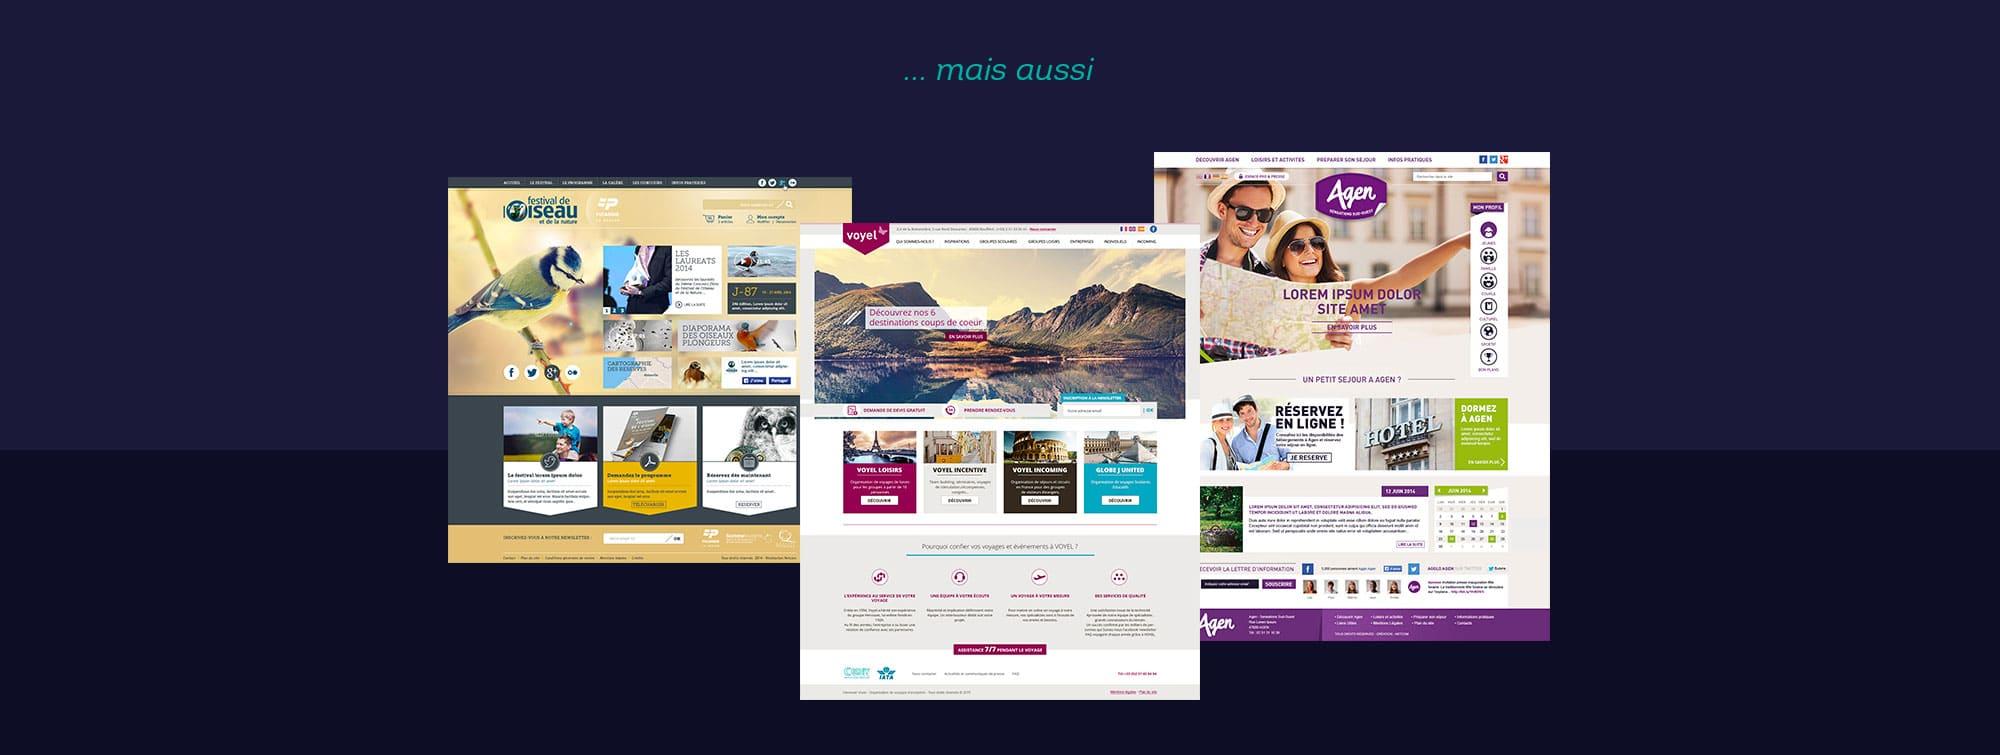 Webdesigner freelance domaine tourisme